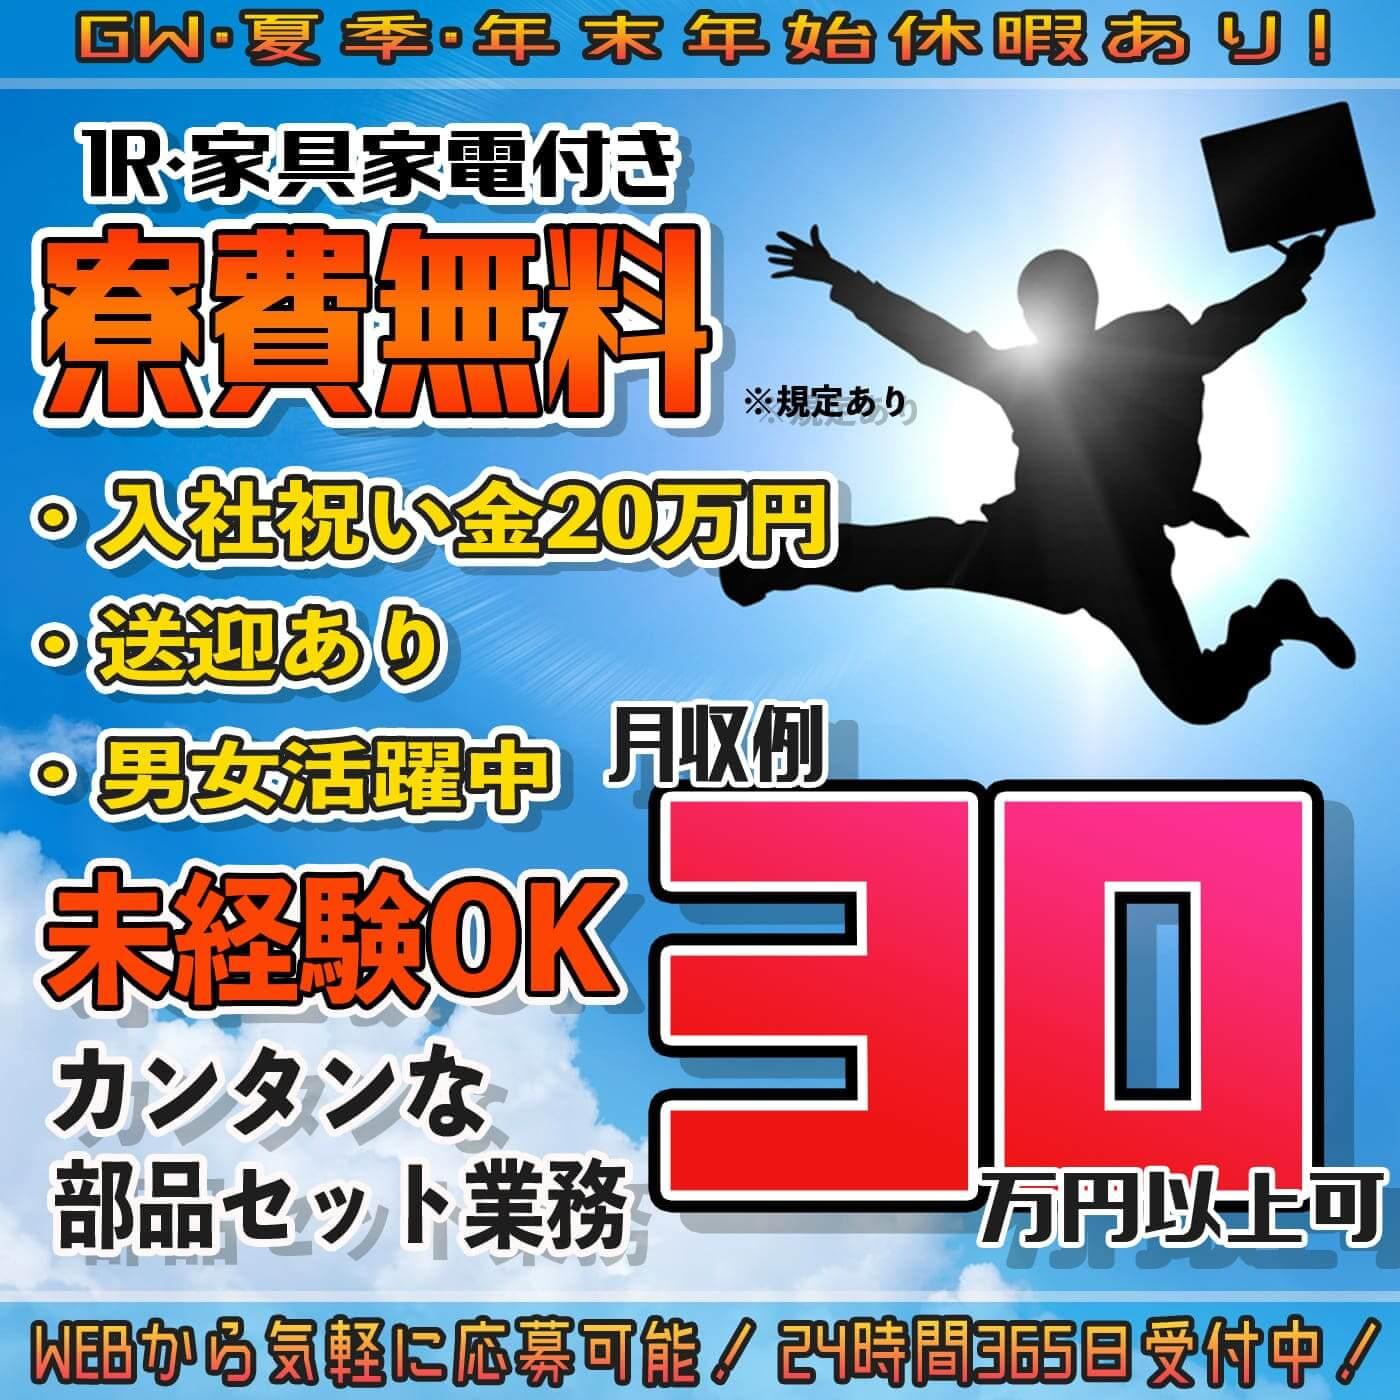 Echizenshi3 main3